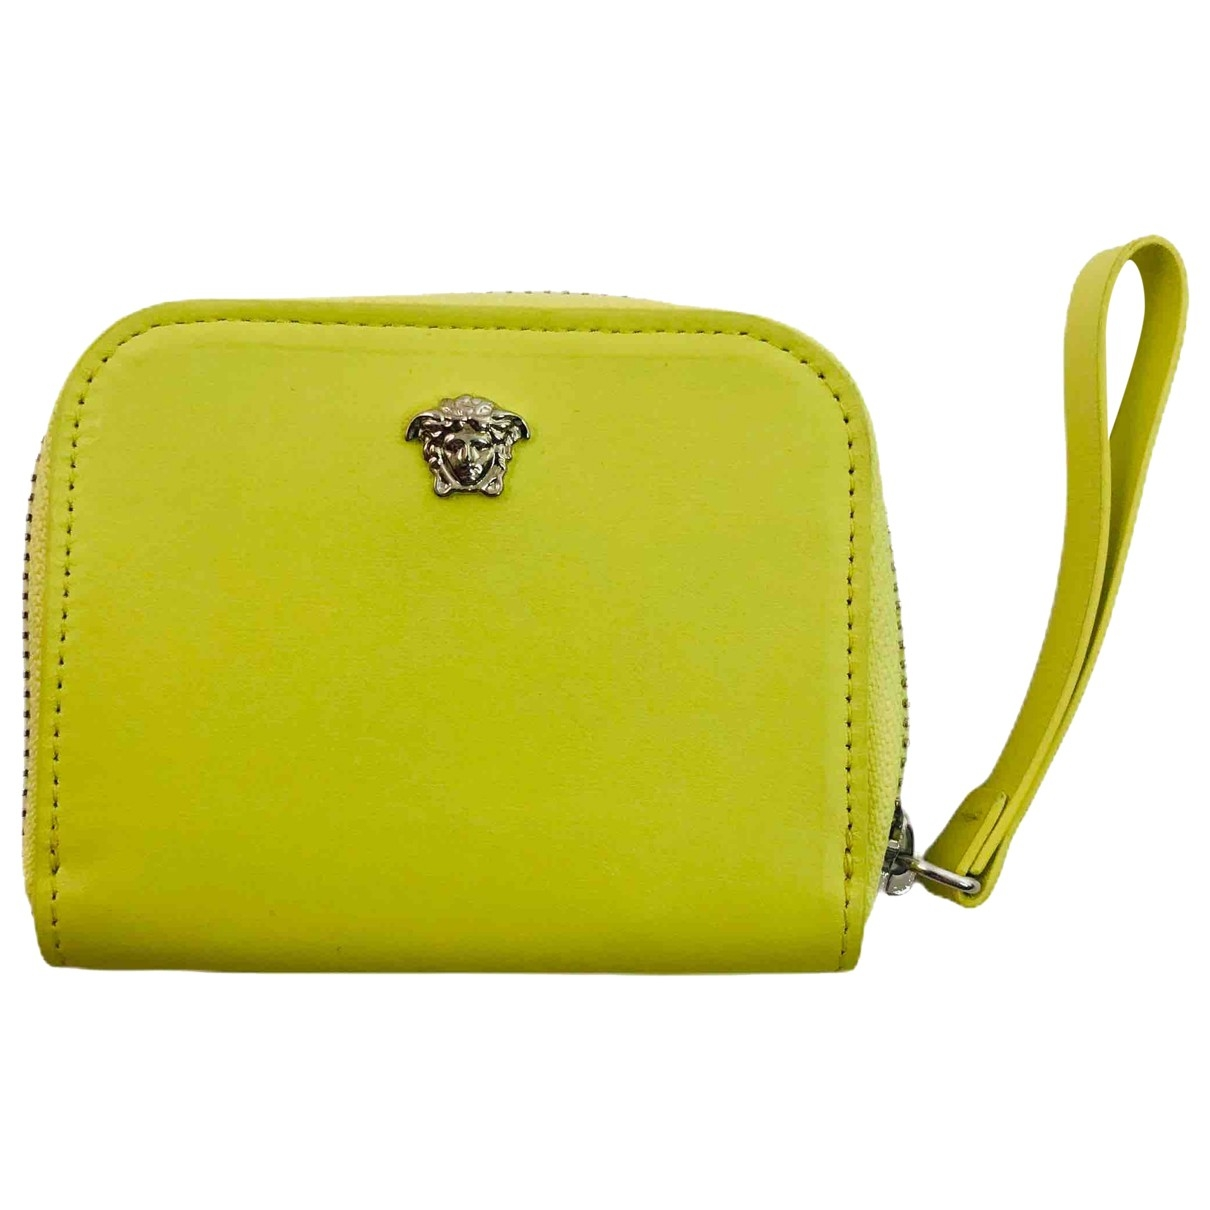 Versace \N Kleinlederwaren in  Gelb Leder